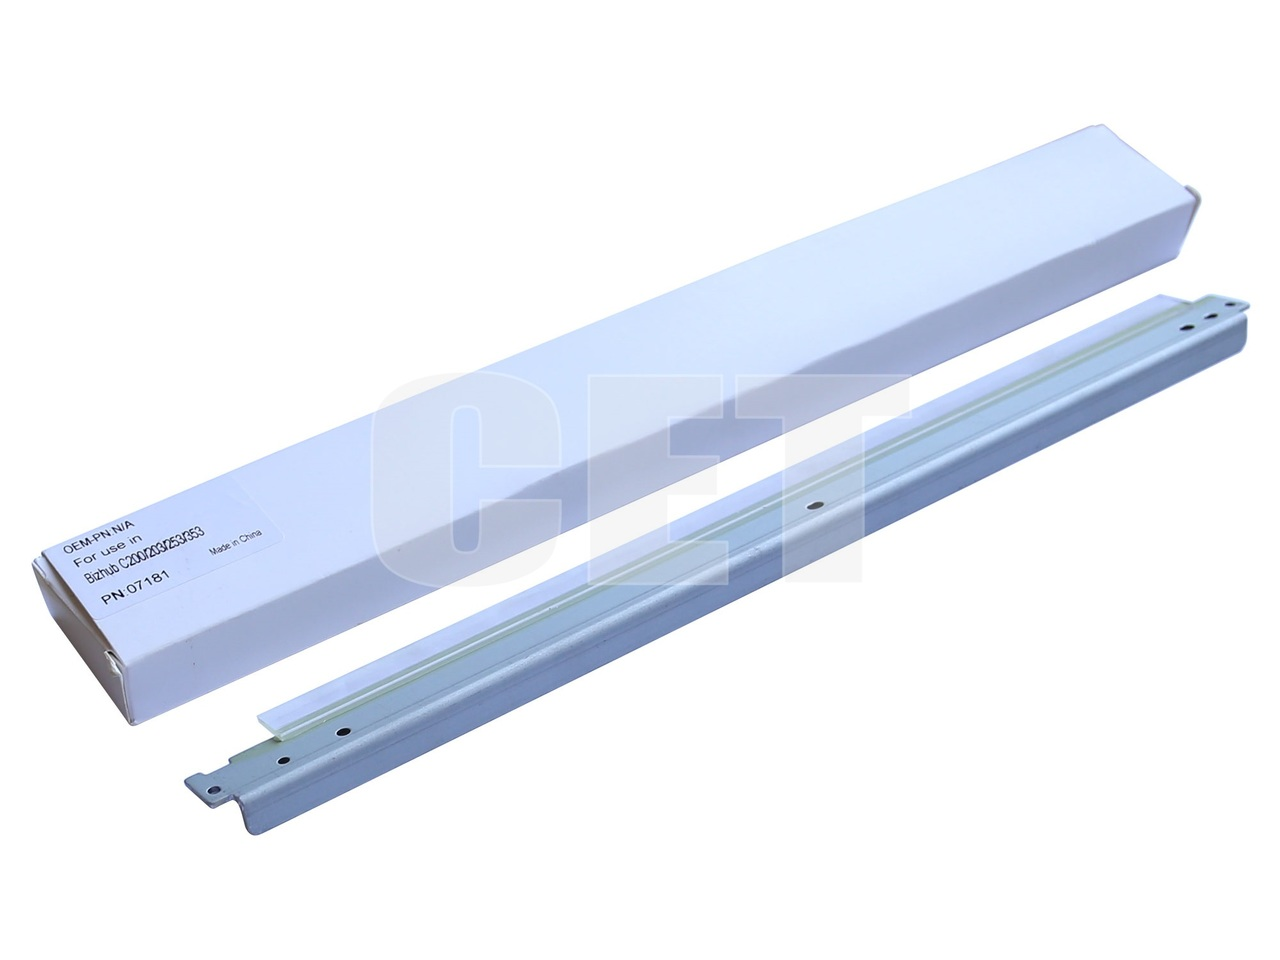 Лезвие очистки ленты переноса для KONICA MINOLTA BizhubC200/C203/C253/C353 (CET), CET7181